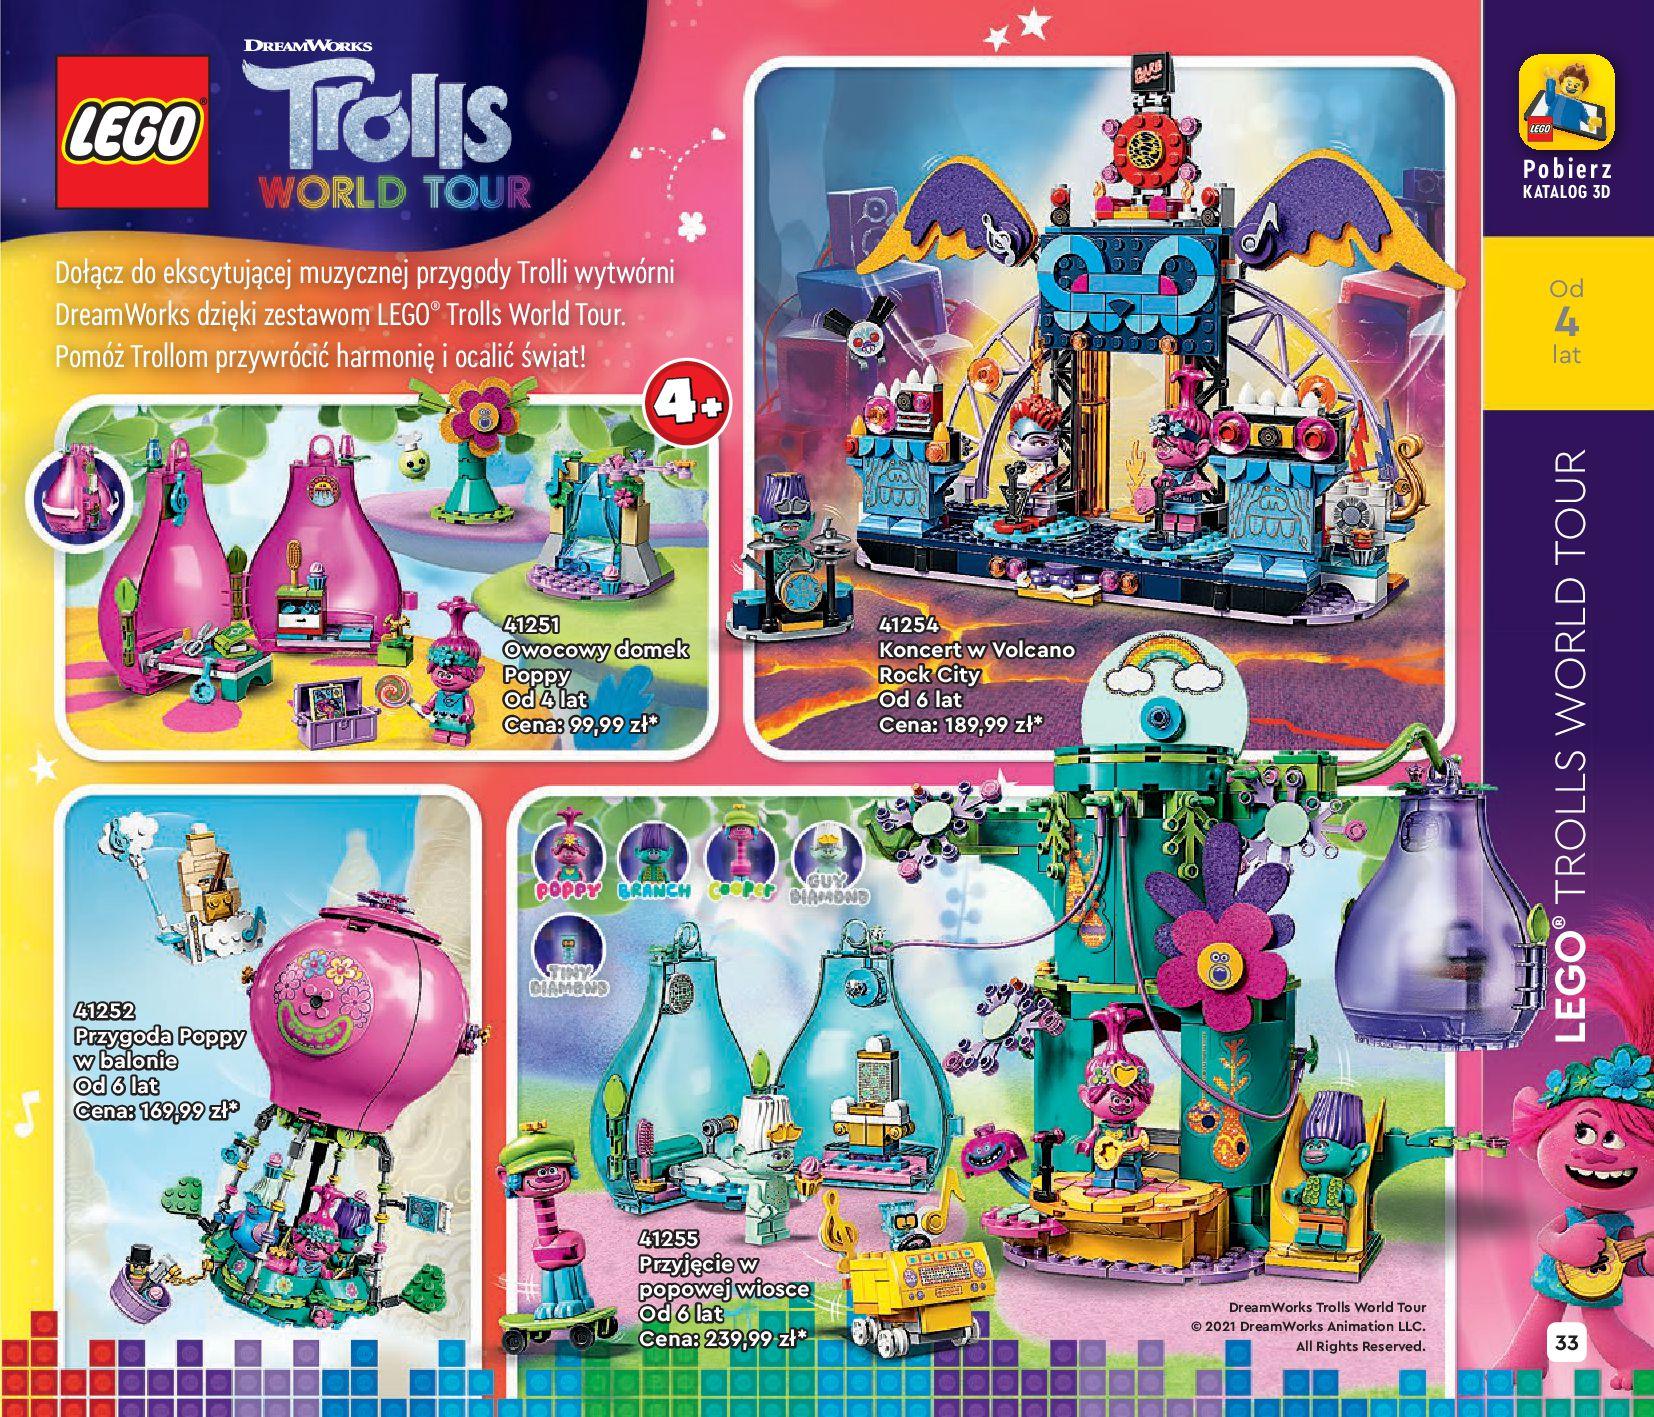 Gazetka LEGO: Katalog LEGO STYCZEŃ-MAJ 2021 2021-01-01 page-33